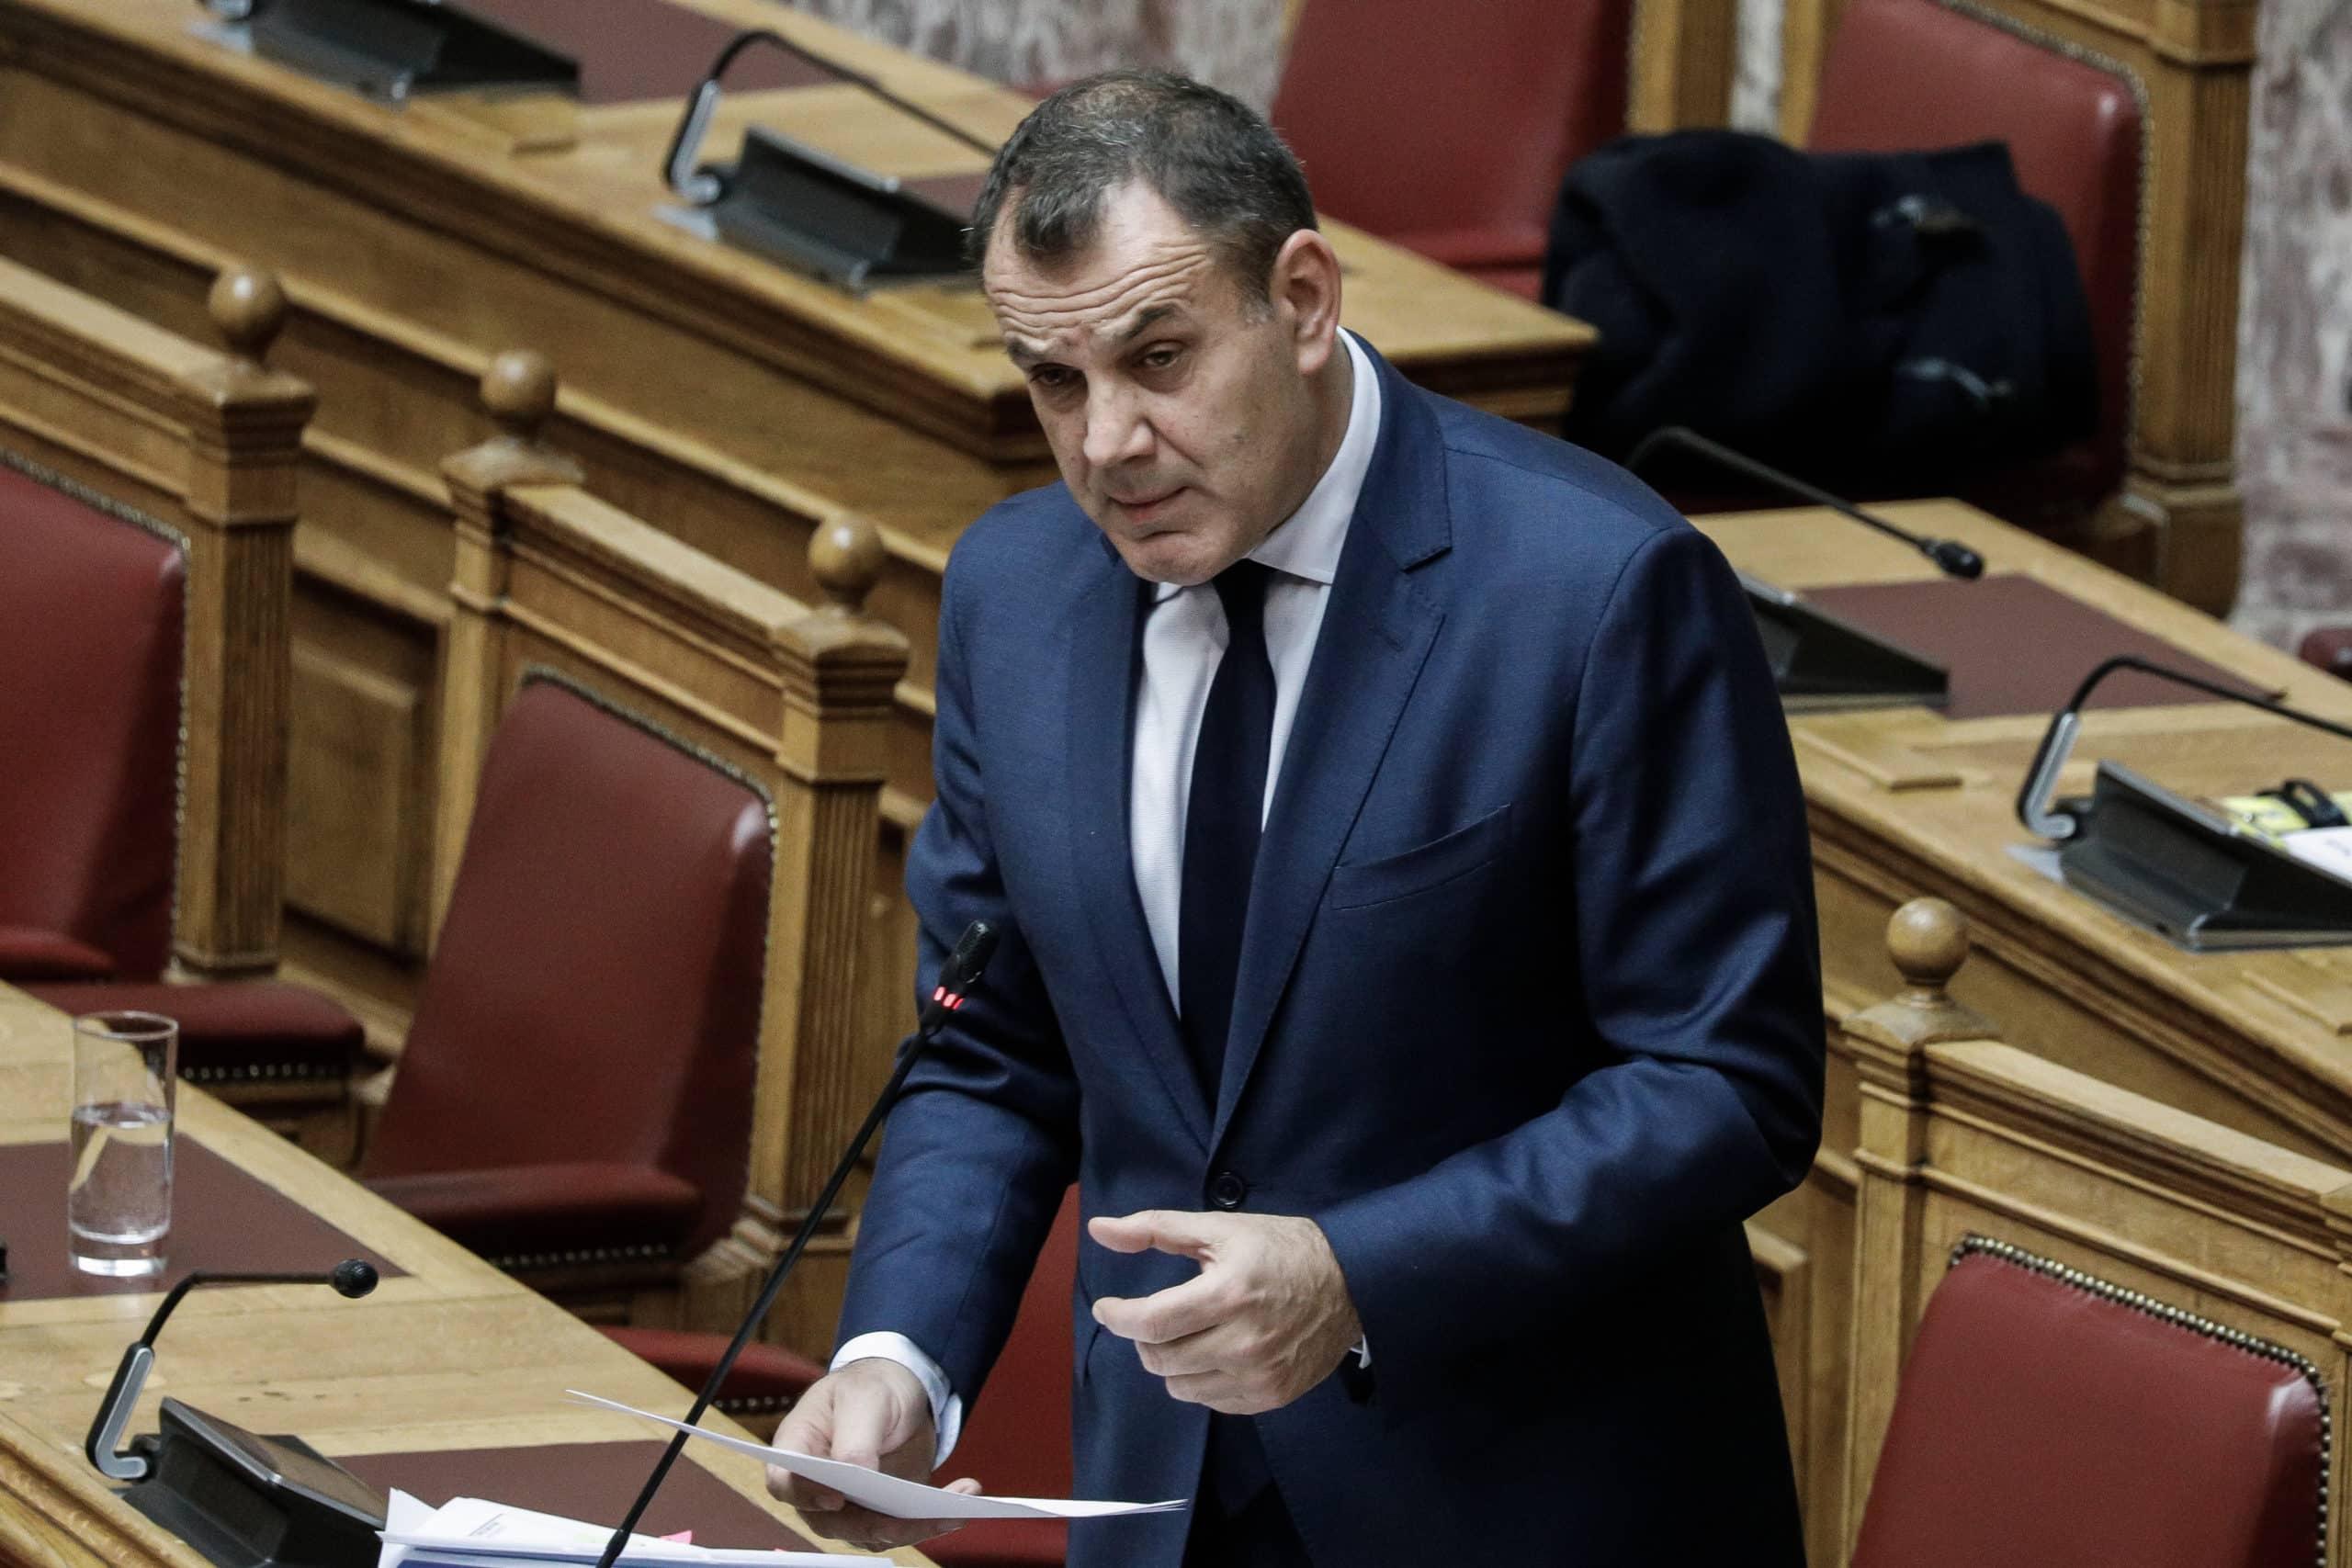 Παναγιωτόπουλος: Πόσοι Έλληνες θα πάνε στο Μάλι Τι είπε για Patriot